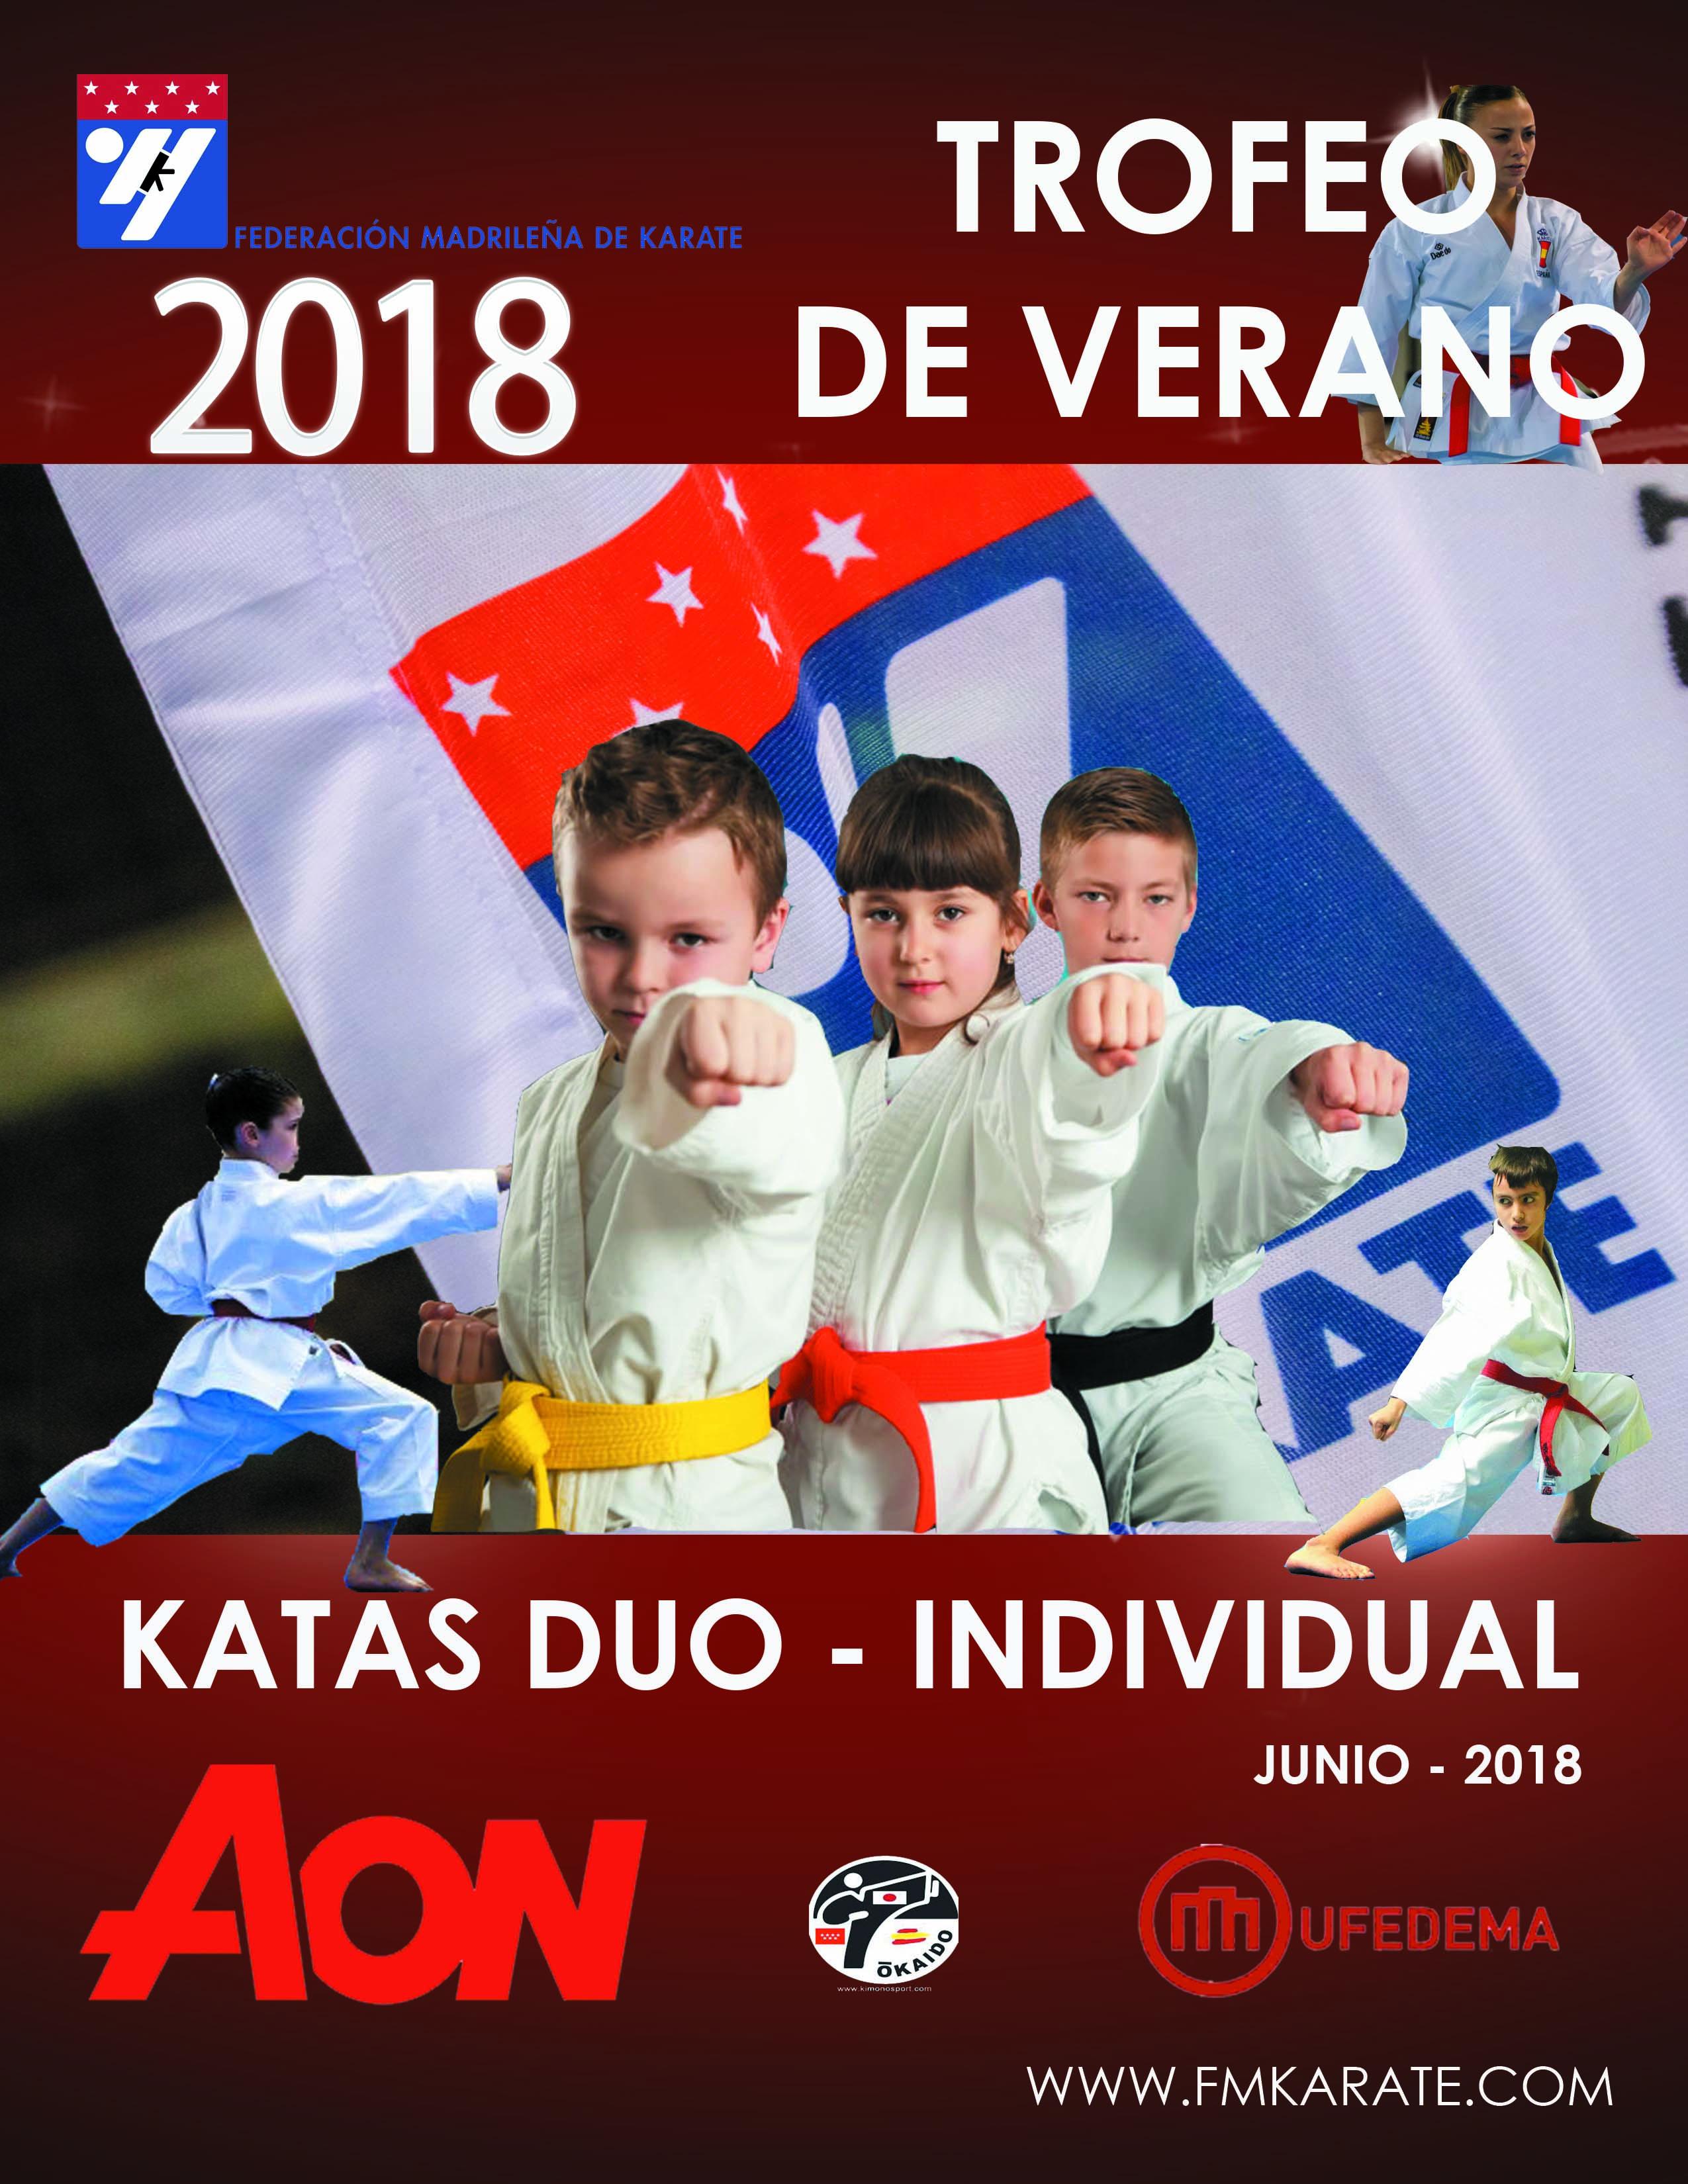 Trofeo de Verano 2018